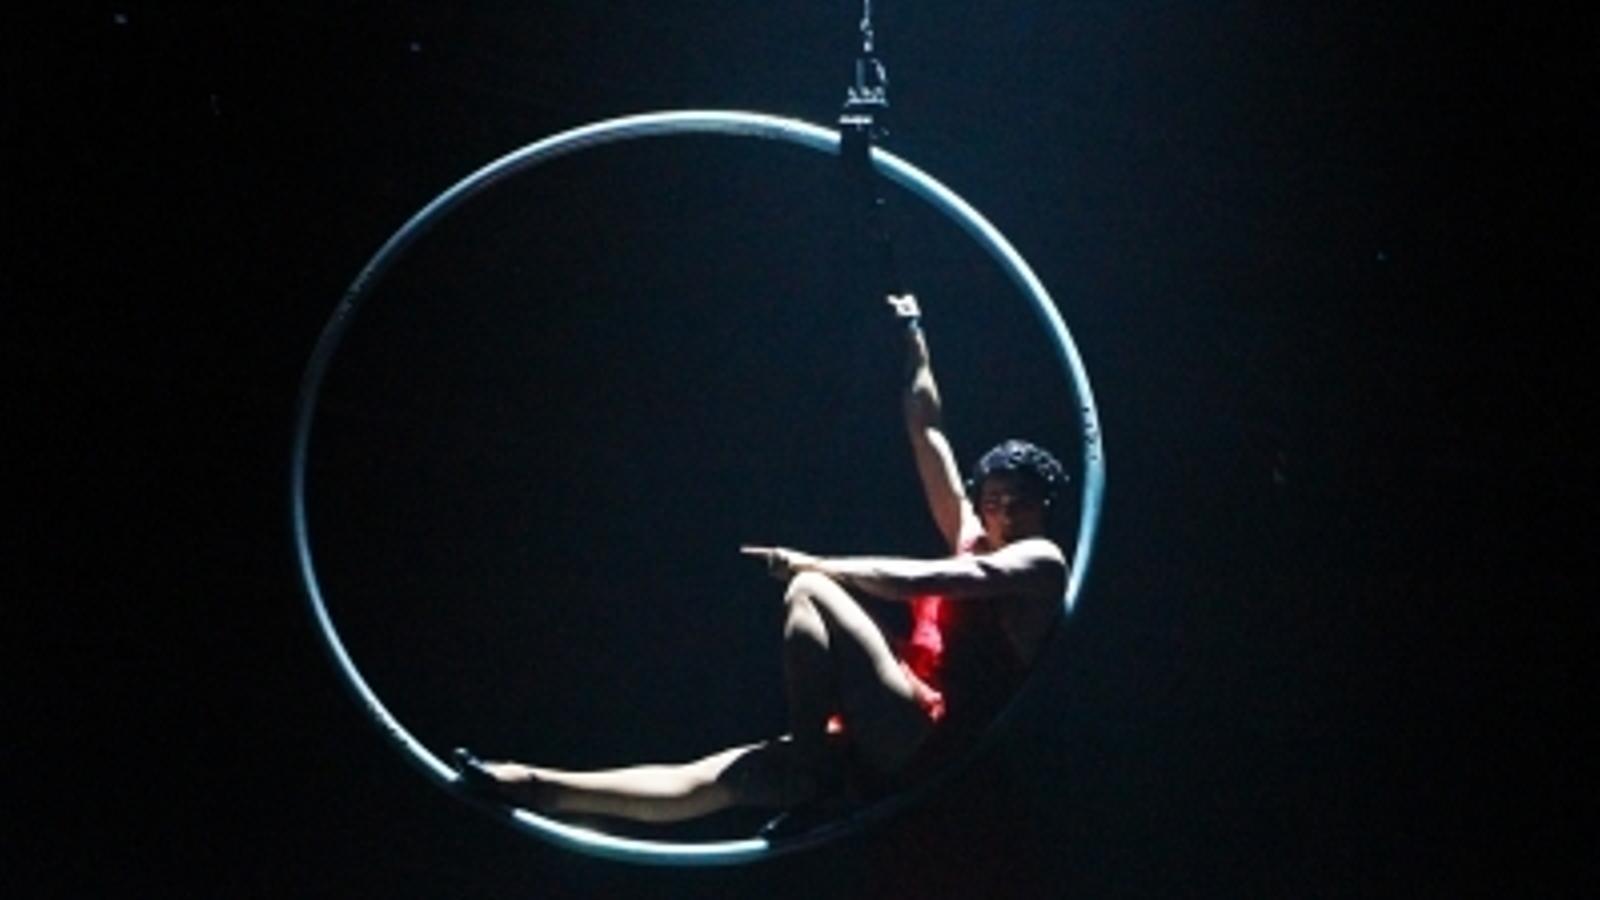 L'espectacle de l'any passat del Cirque du Soleil. / ARXIU ANA